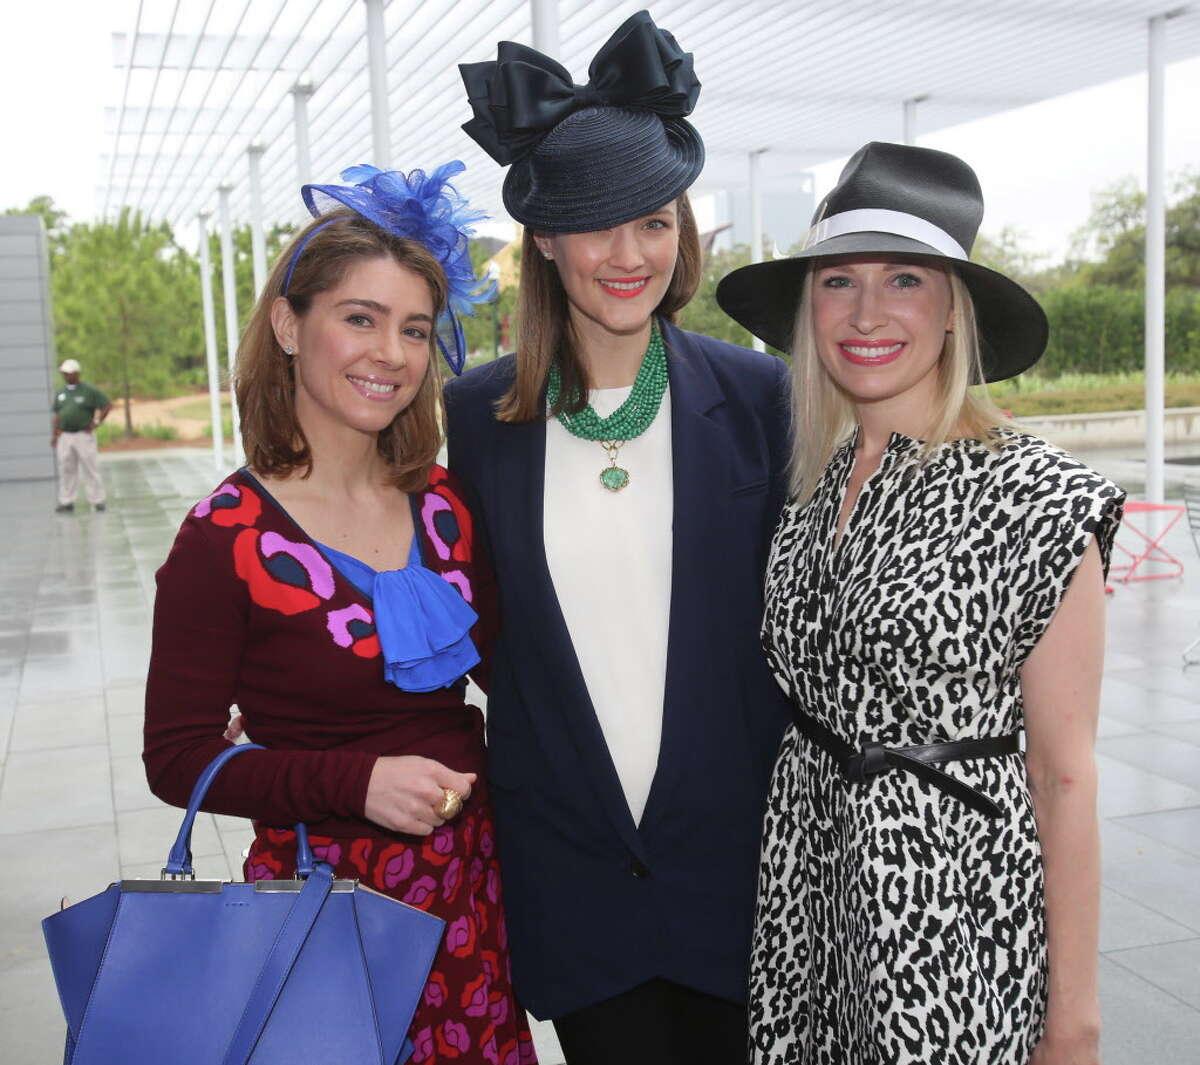 Rachael Volz, Annie Eifler, and Isabel David